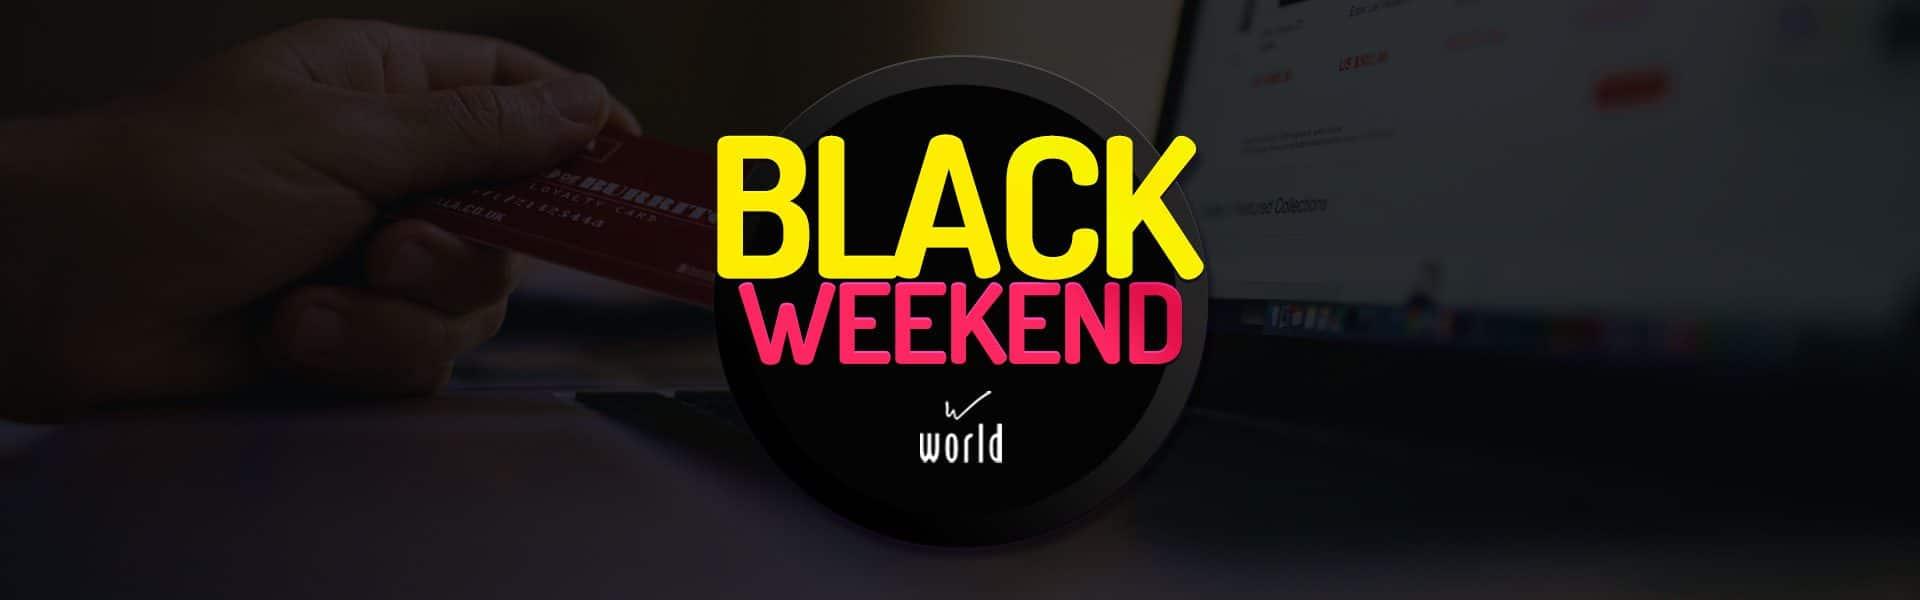 black-weekend-world-importados-prepare-se-para-promocoes-imperdiveis